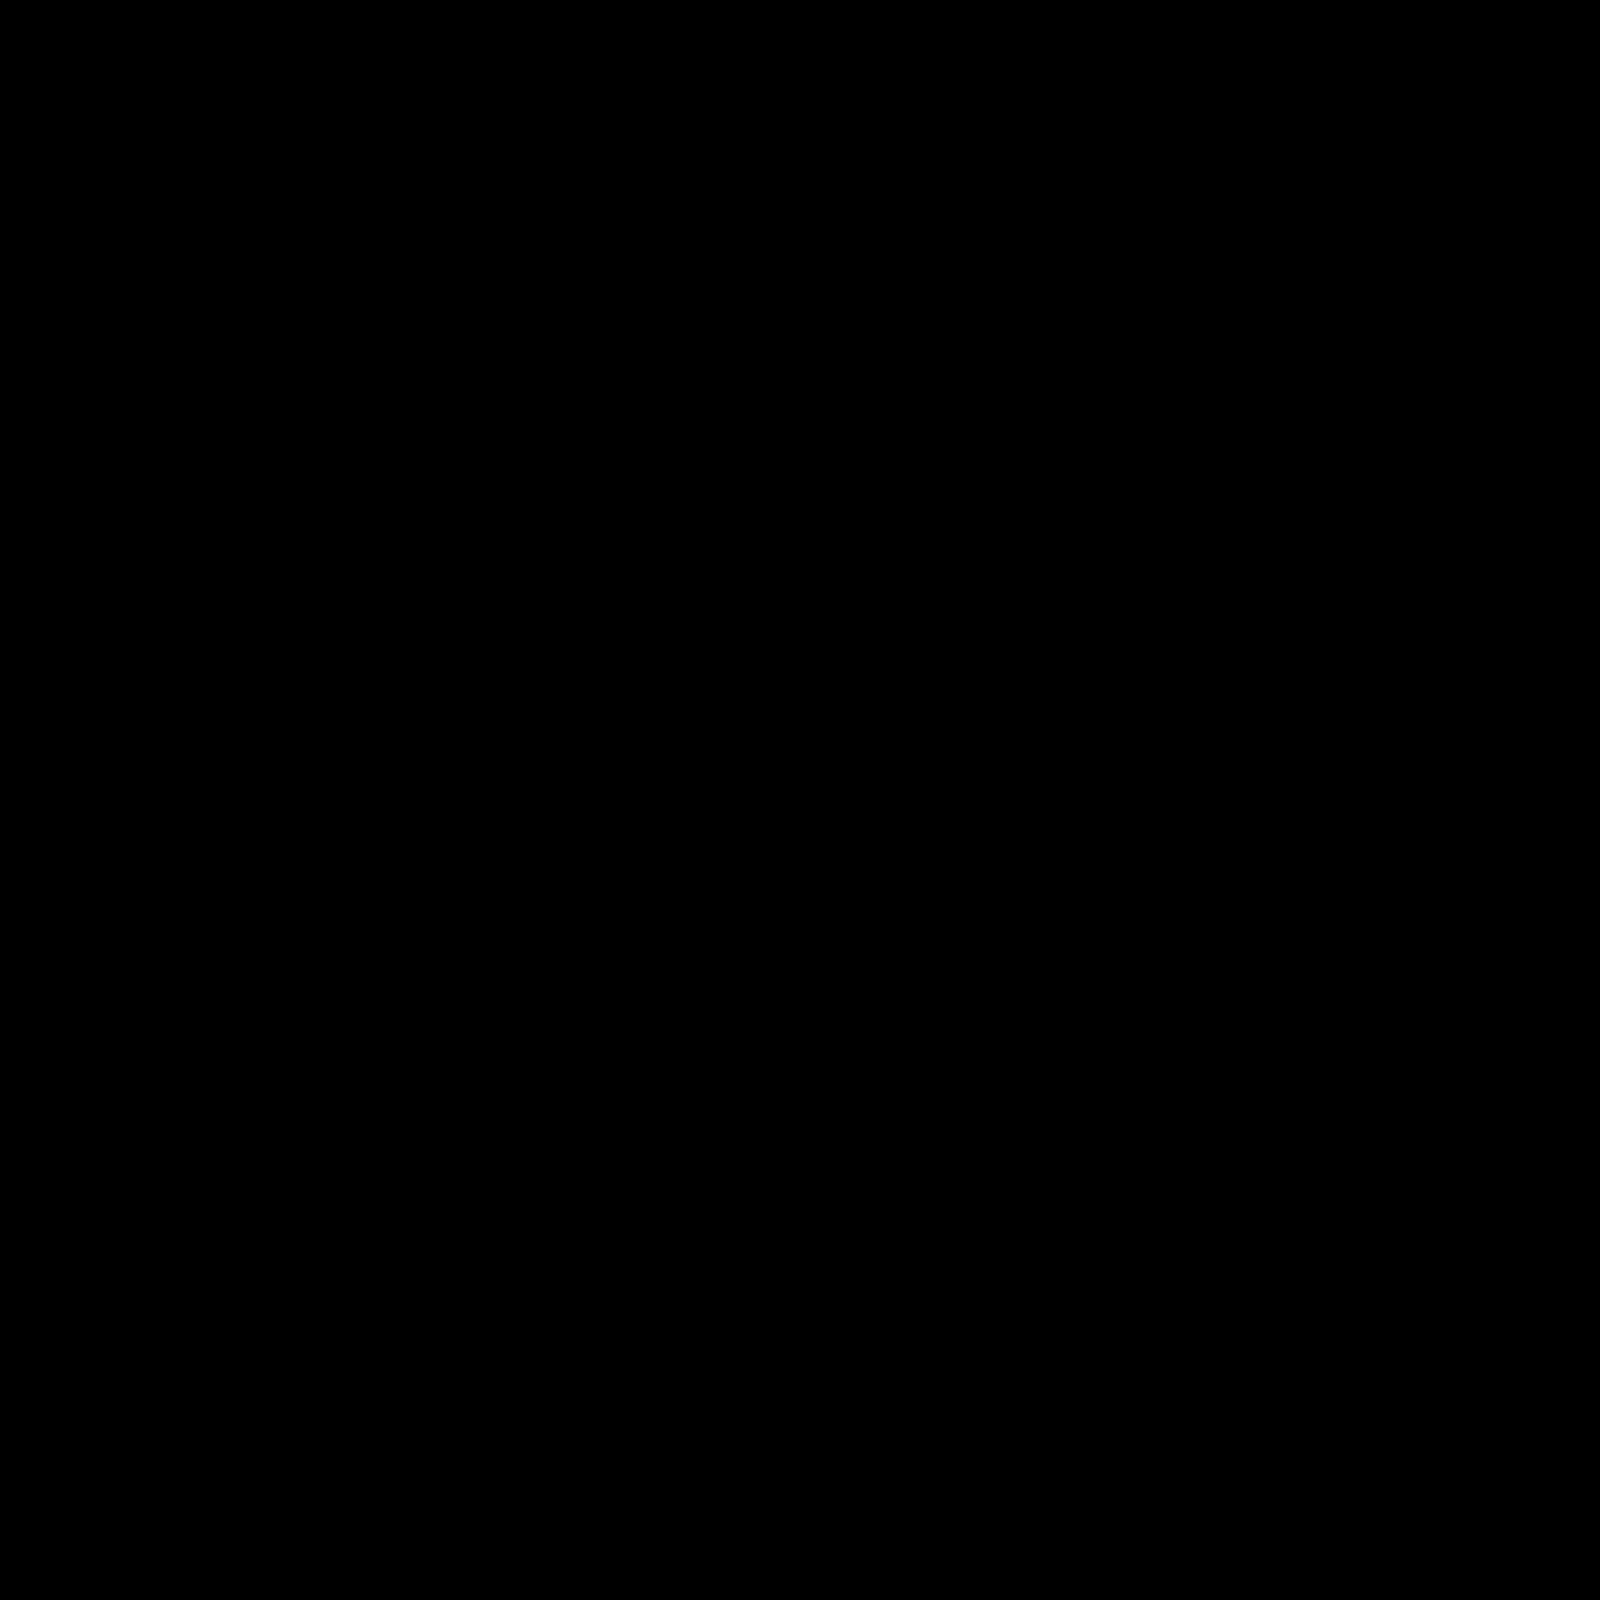 1600x1600 Clave De Sol Icon